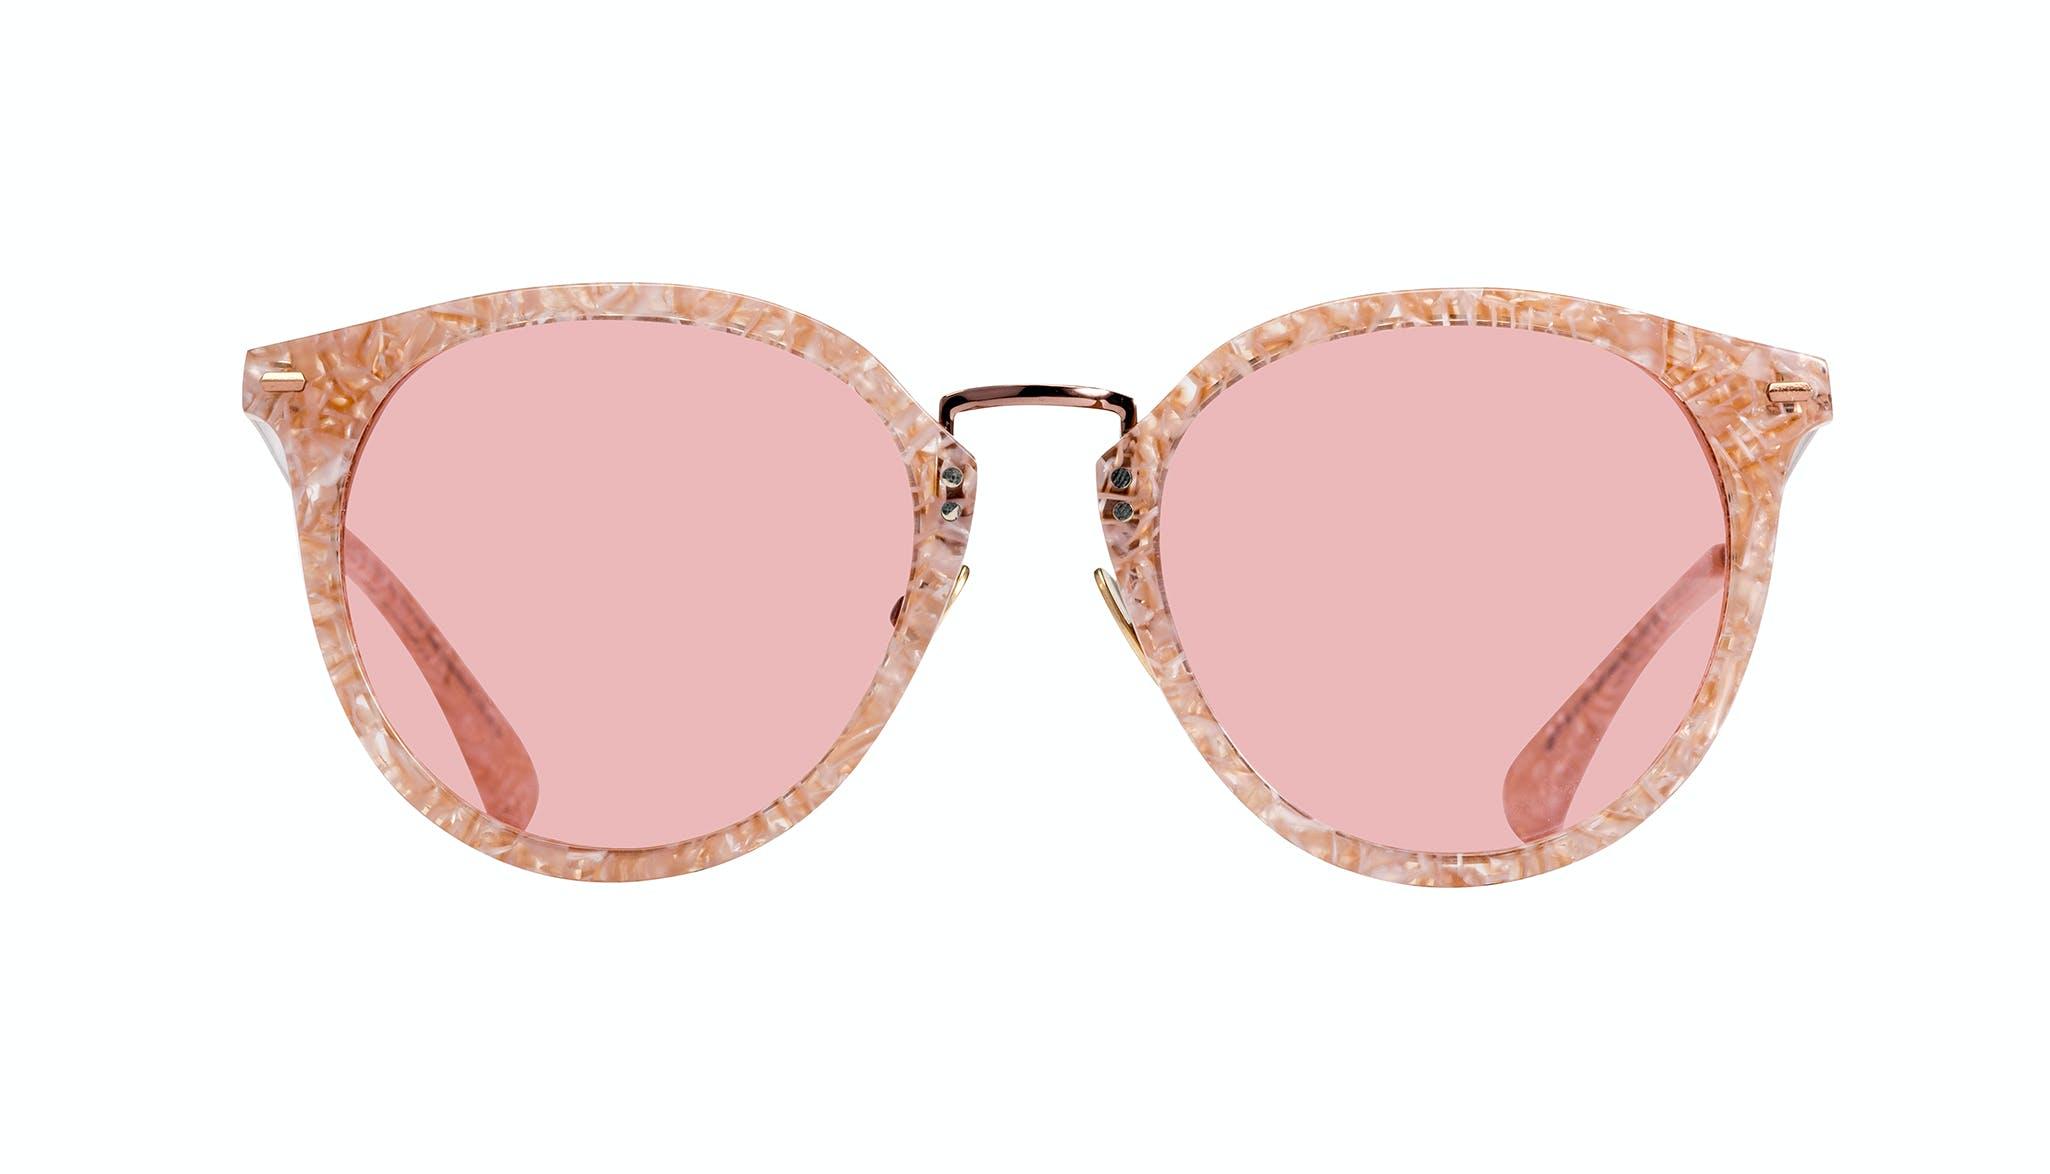 Lunettes tendance Ronde Lunettes de soleil Femmes Poppy Provence